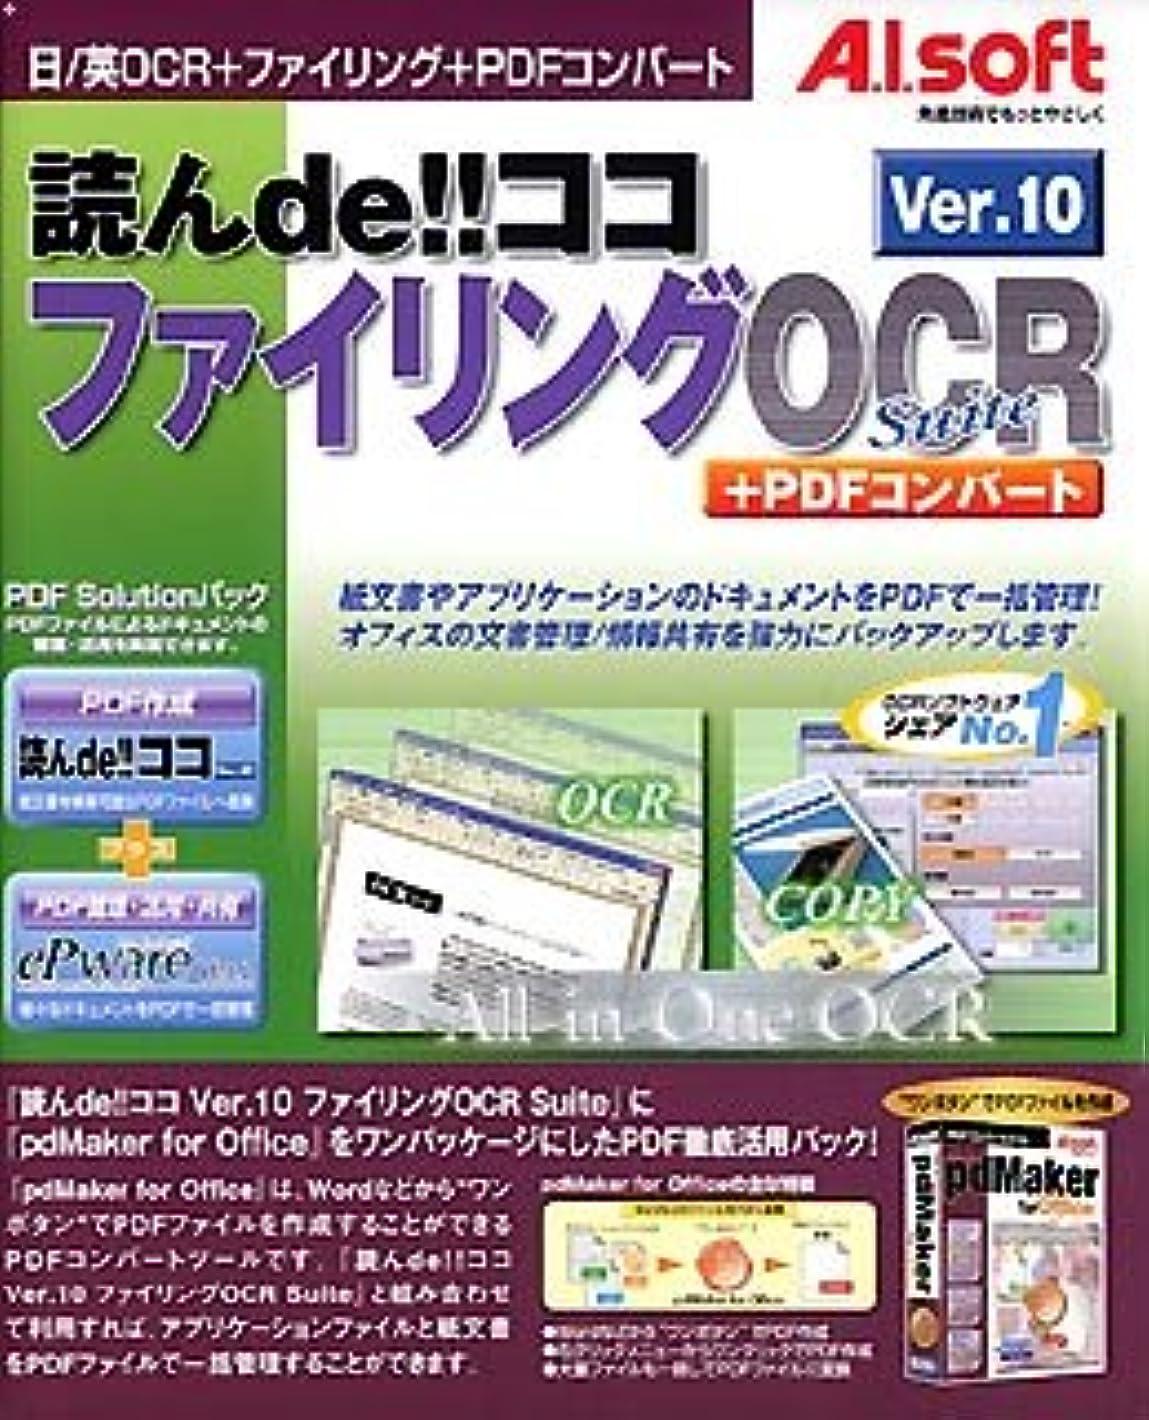 ものびっくりした傾向がある読んde!!ココ Ver.10 ファイリングOCR Suite + PDFコンバート